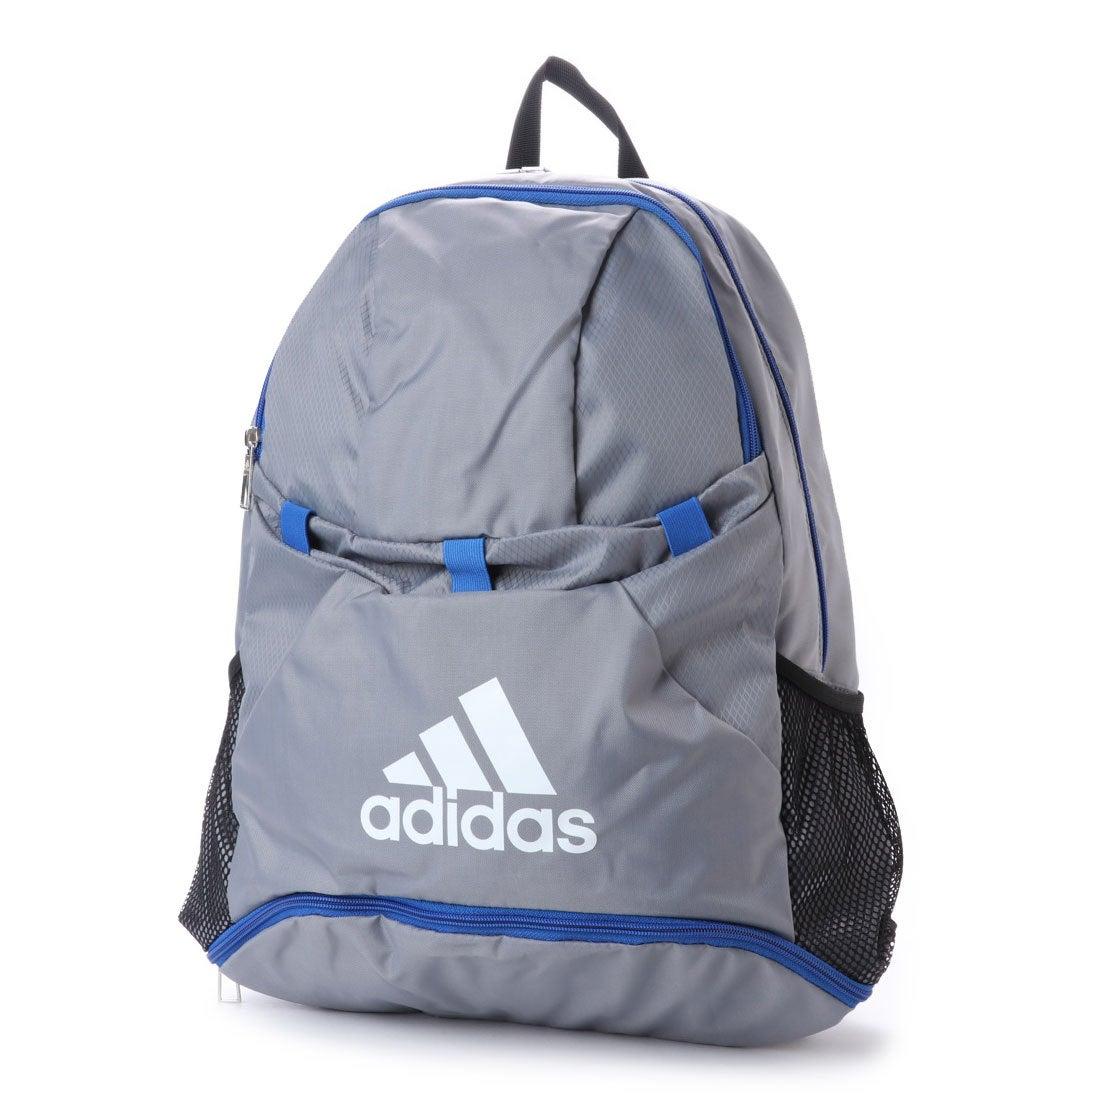 アディダス adidas サッカー フットサル バックパック ボール用デイパック ADP28SLB